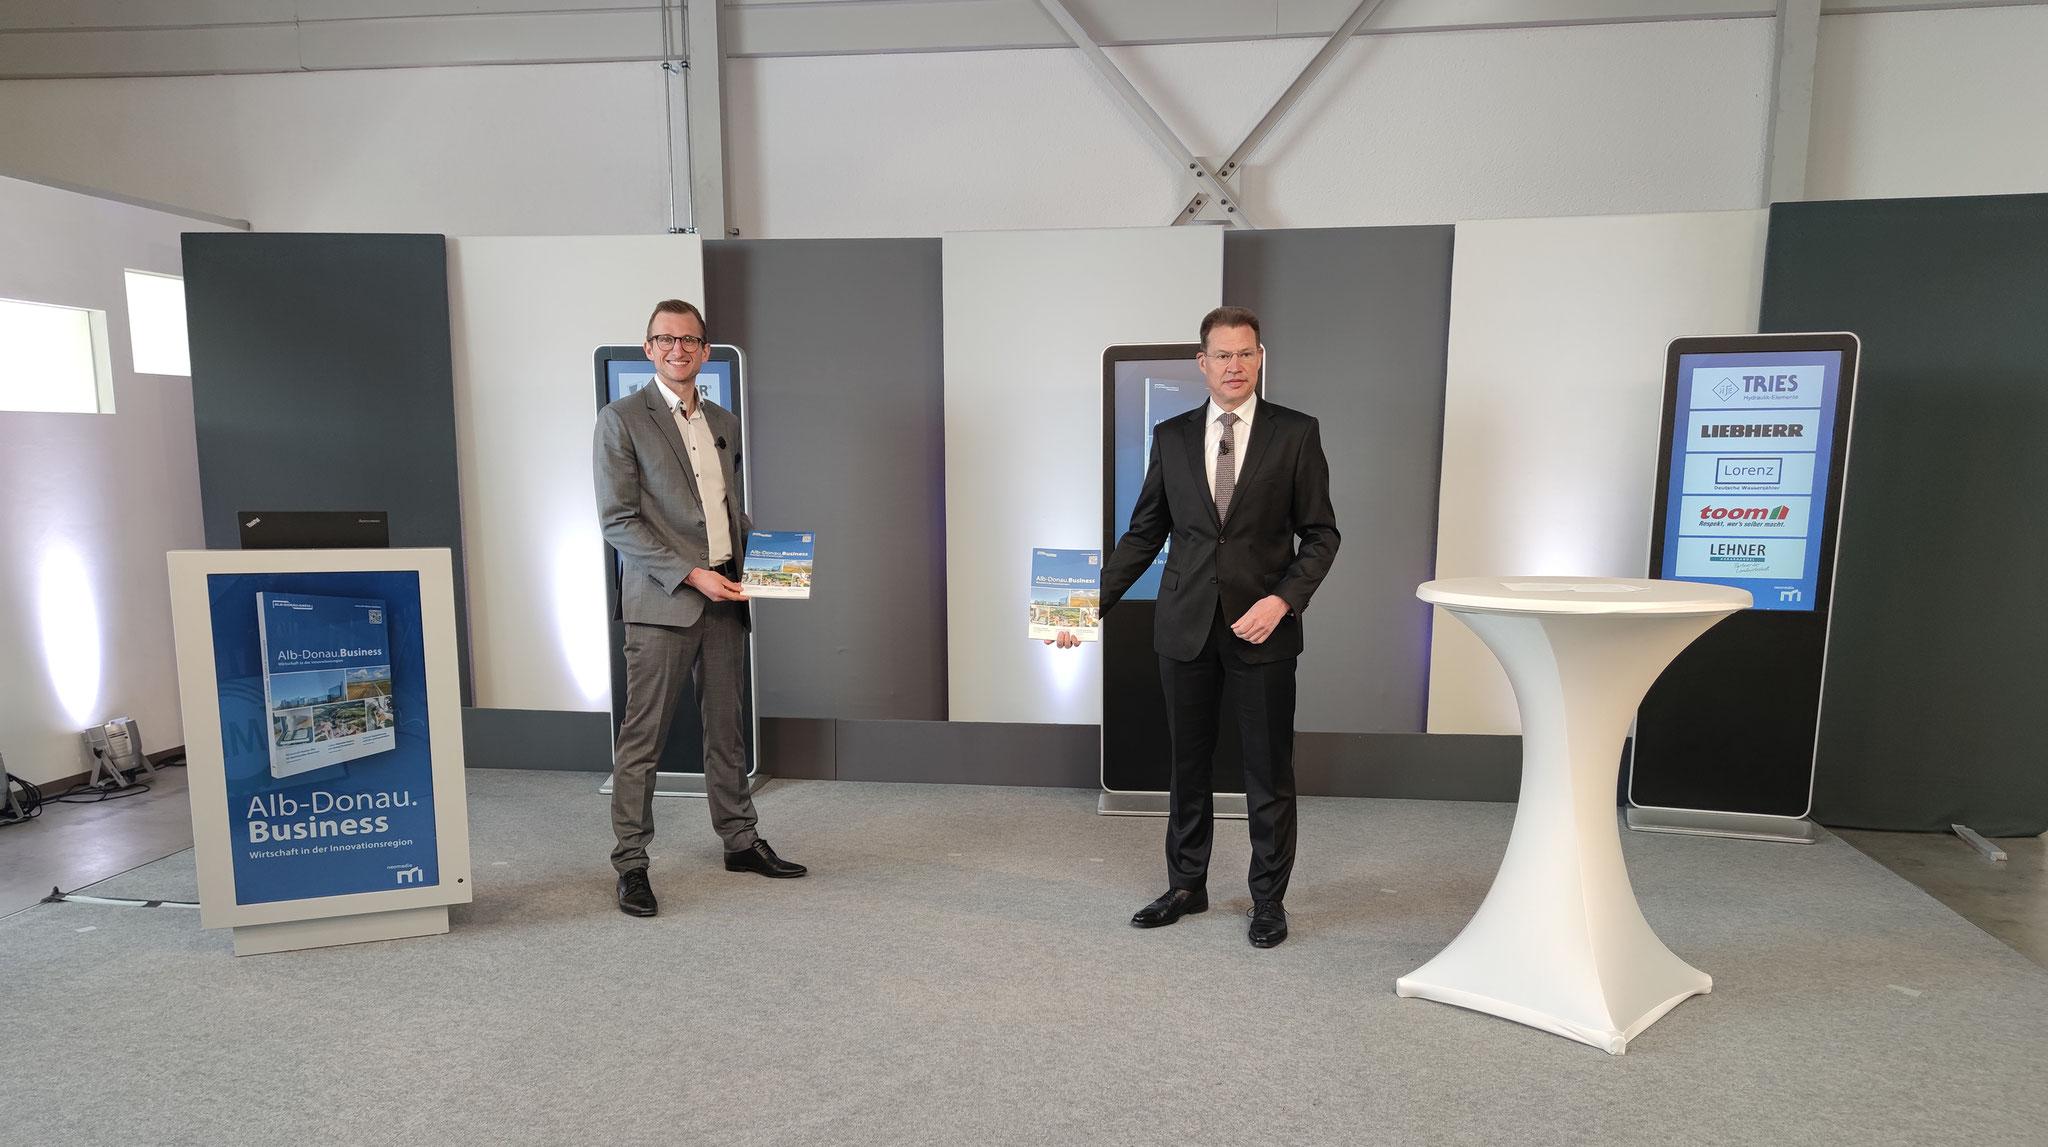 Veröffentlichung von Alb-Donau.Business, v.l.: Yannick Schäfer und Landrat Heiner Scheffold